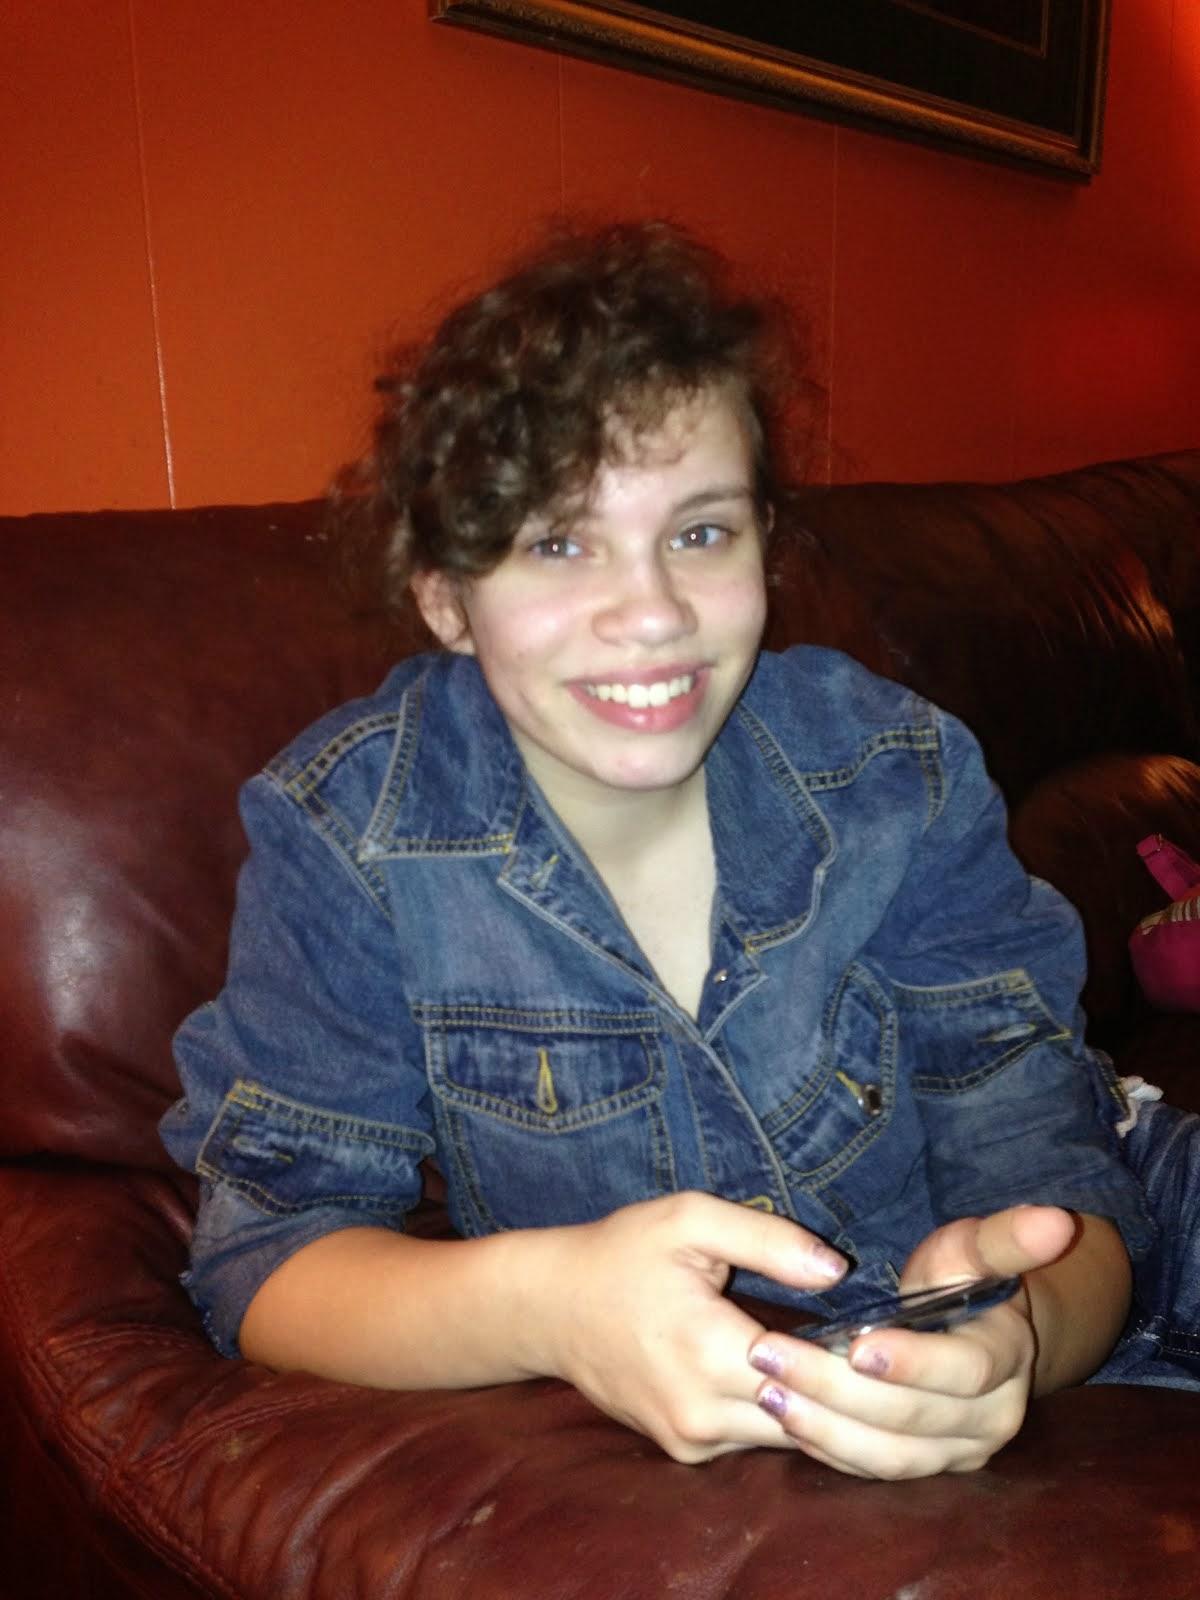 Mojo, age 13